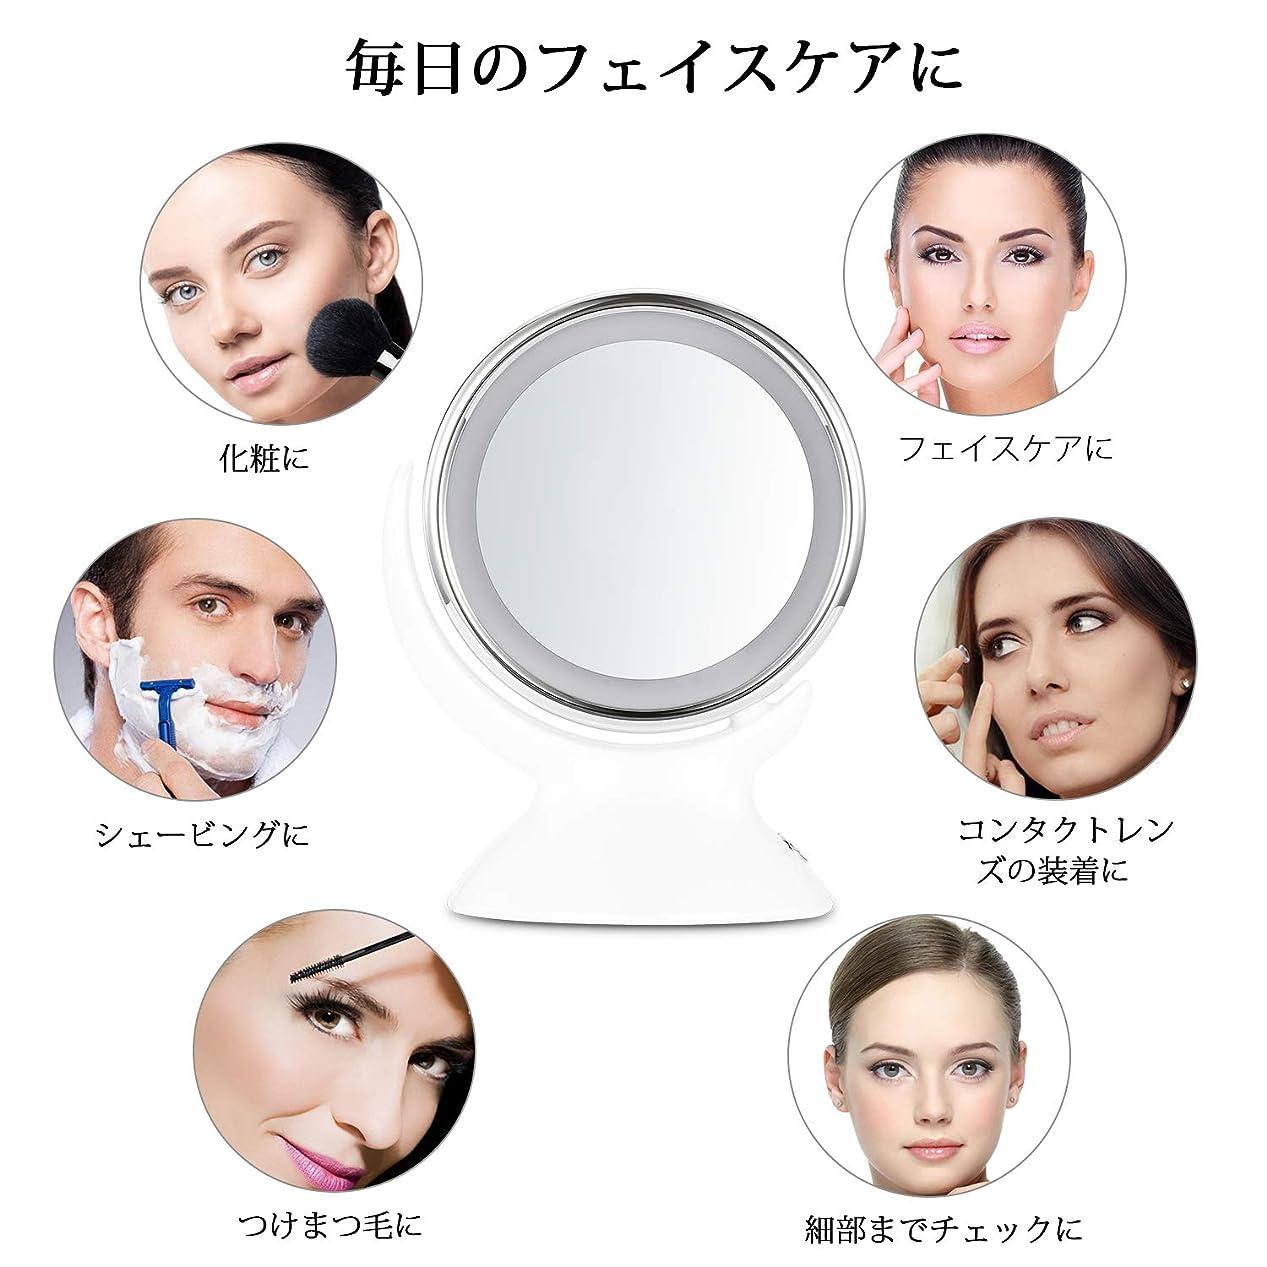 無意識コーデリアハイライト卓上ミラー Nexgadget LED ミラー 鏡 両面鏡 5倍 拡大鏡 女優ミラー 360度調整可能 単三電池付